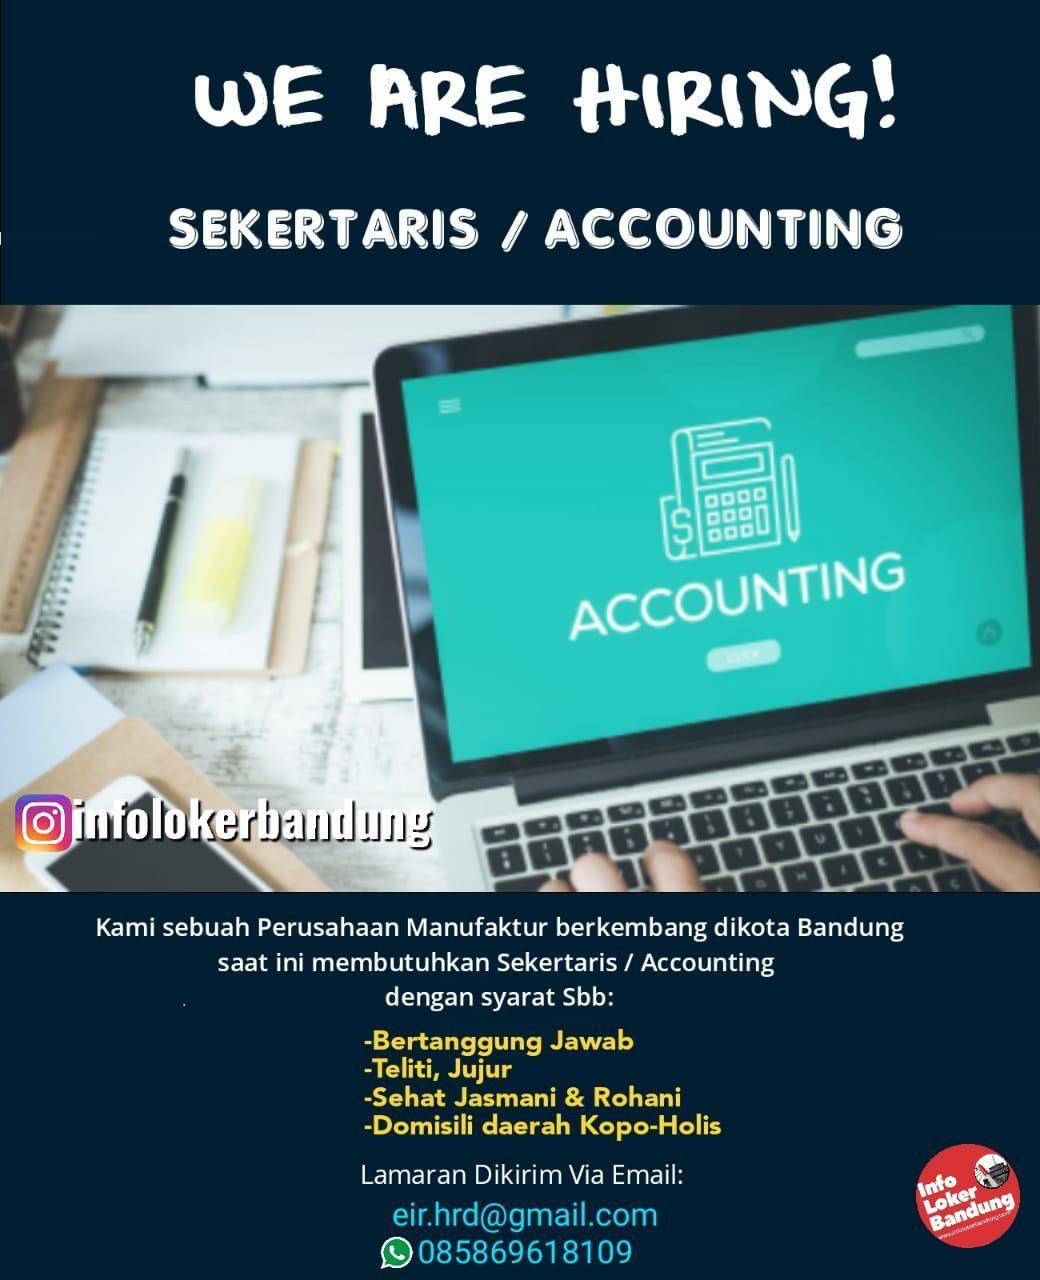 Lowongan Kerja Sekertaris / Accounting Perusahaan Manufaktur Bandung Agustus 2019